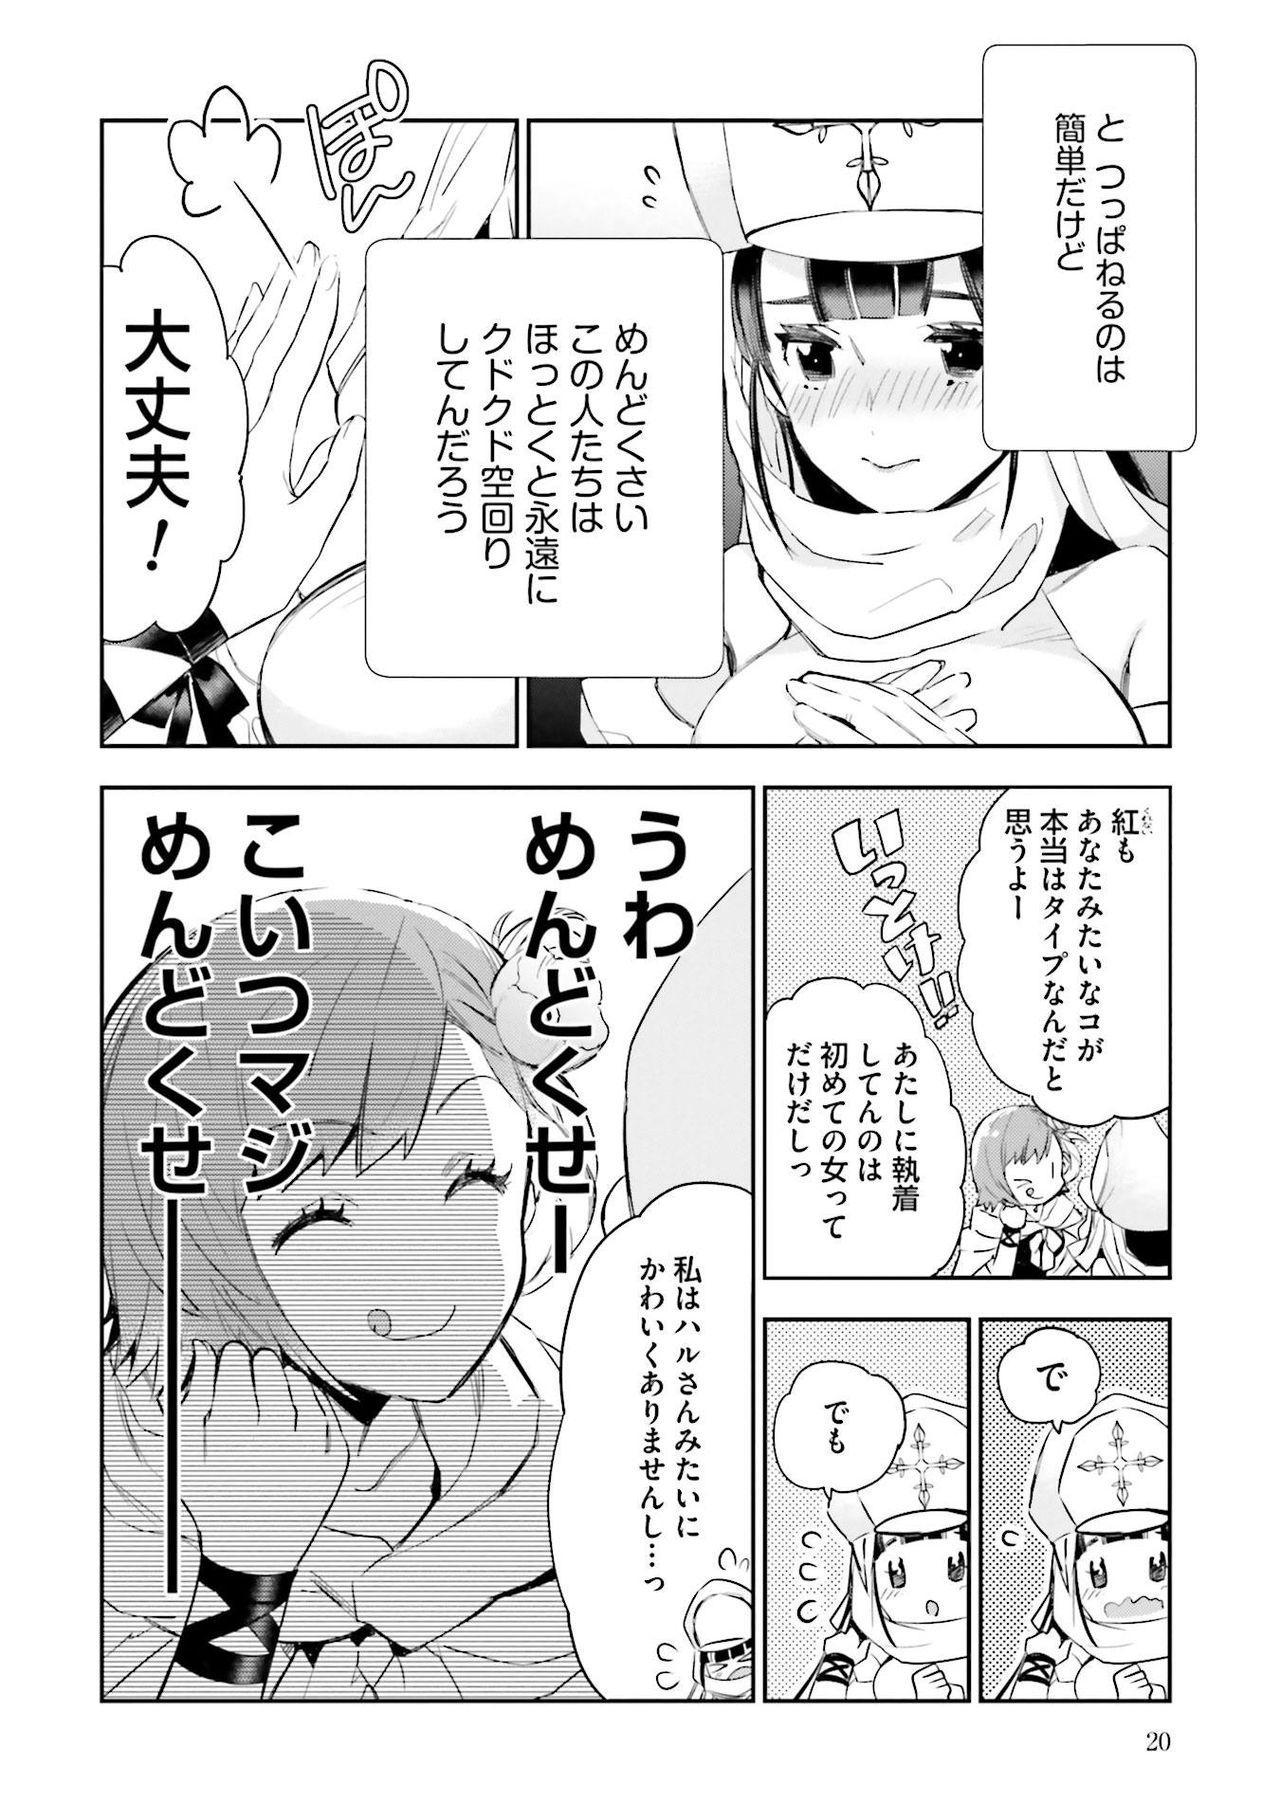 JK Haru wa Isekai de Shoufu ni Natta 1-14 208